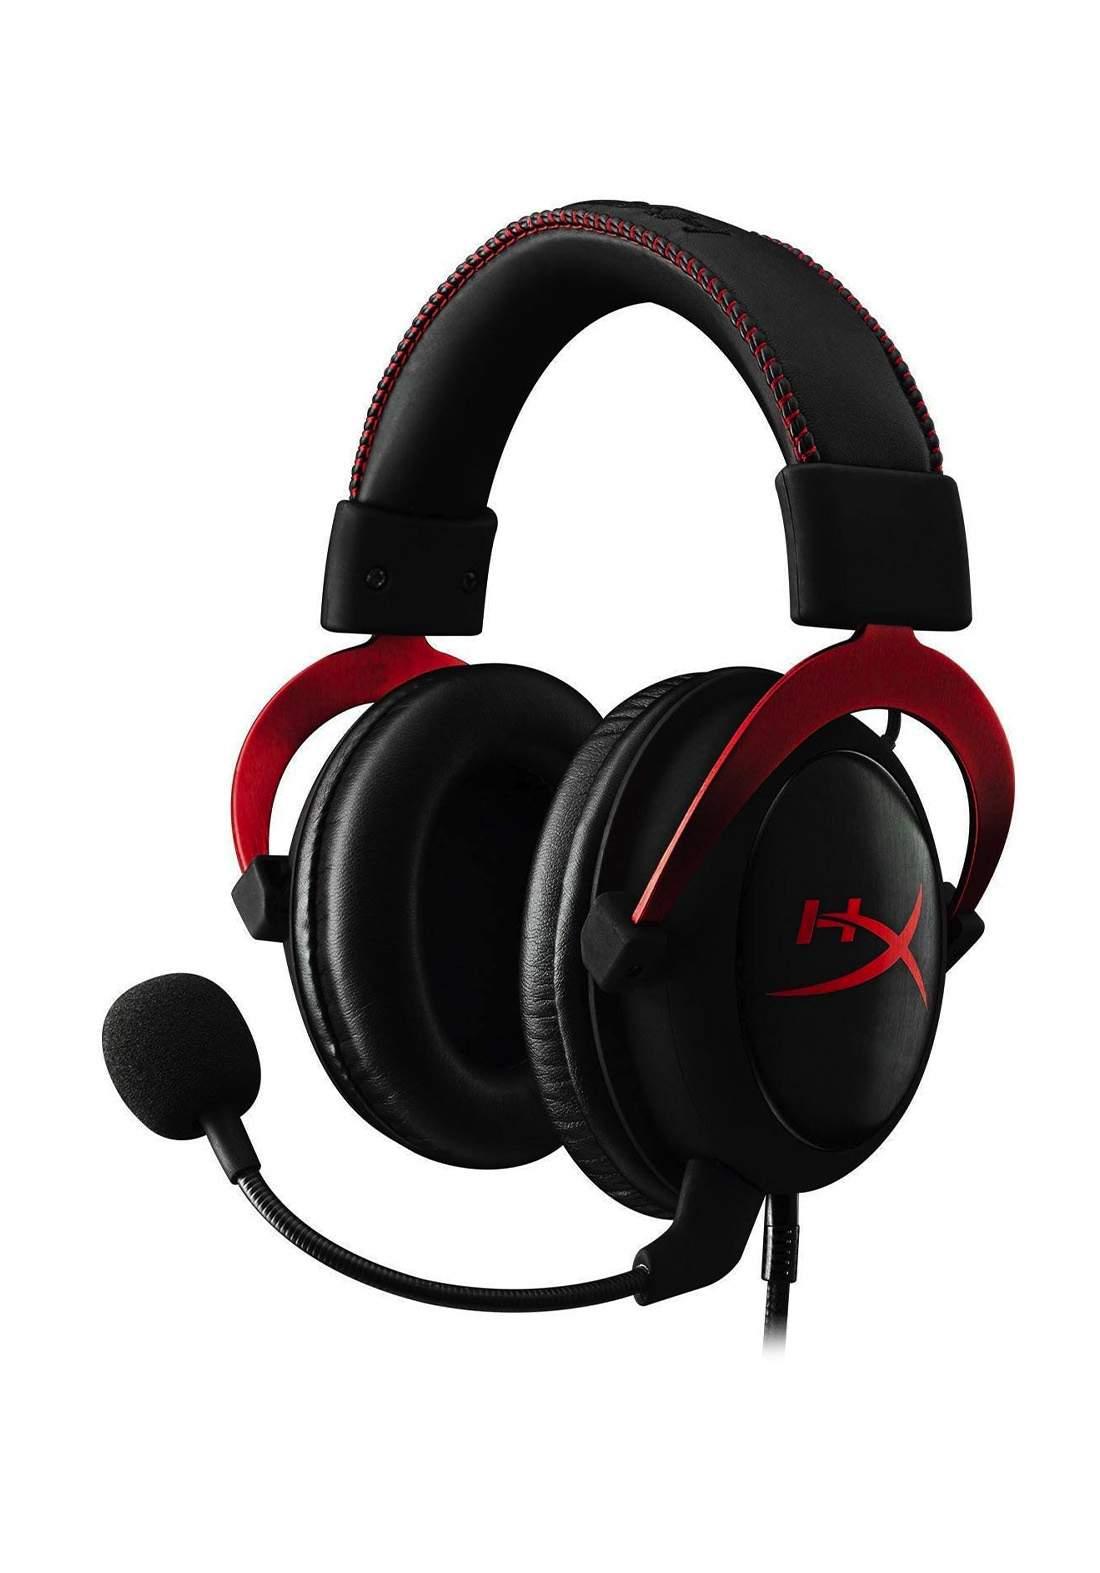 HyperX Cloud II Gaming Headset - Red سماعة رأس